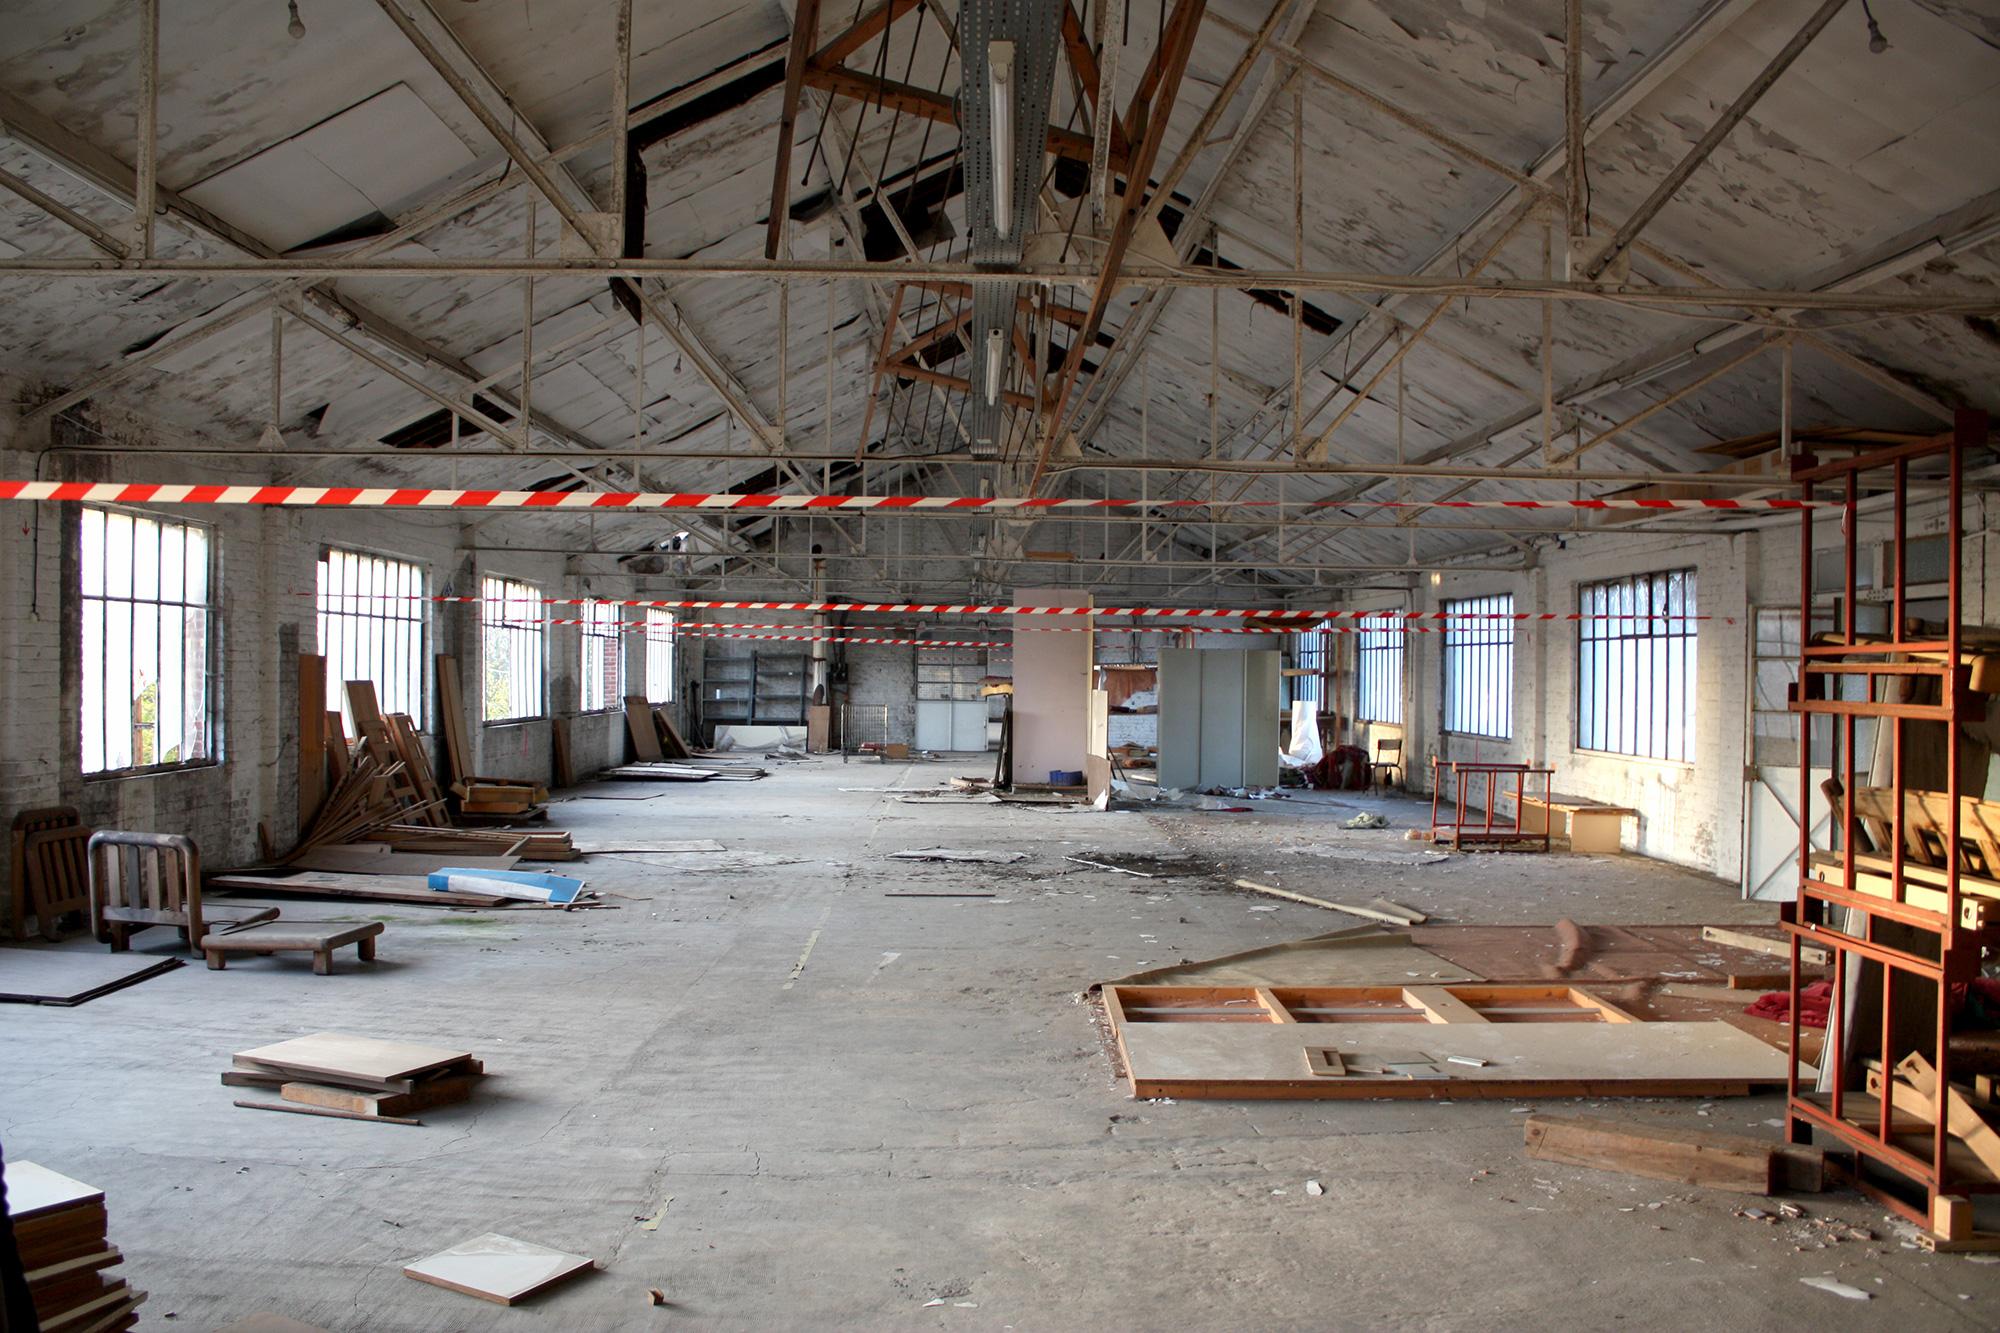 Lofts vendre et louer roubaix - Ancienne usine a vendre ...